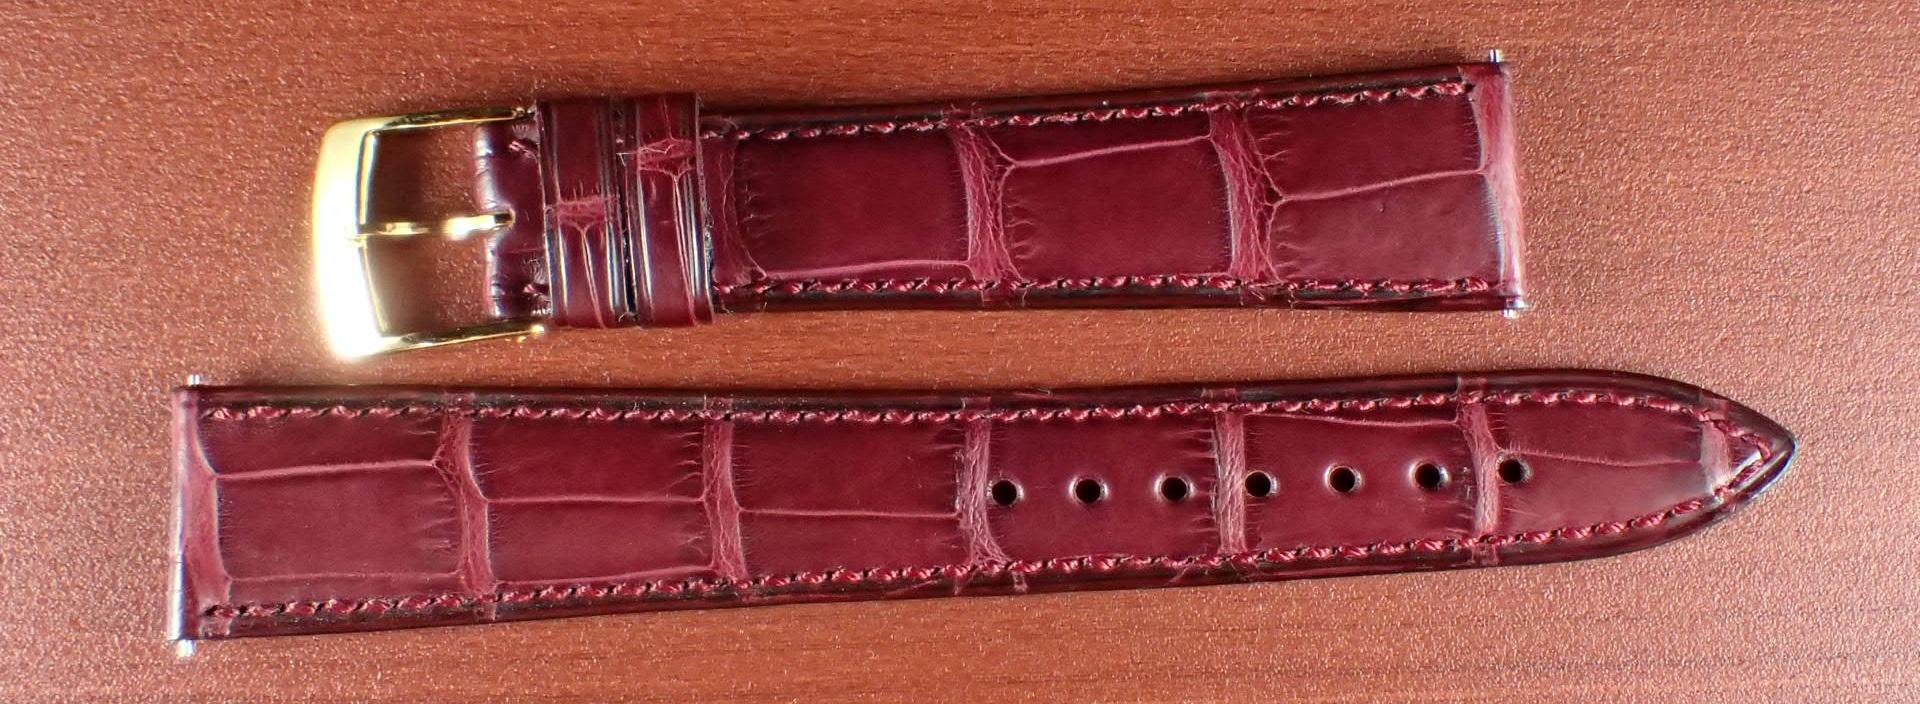 ジャン・クロード ペラン革ベルト(オールドペラン)クロコダイル ボルドー 17mm 手縫い